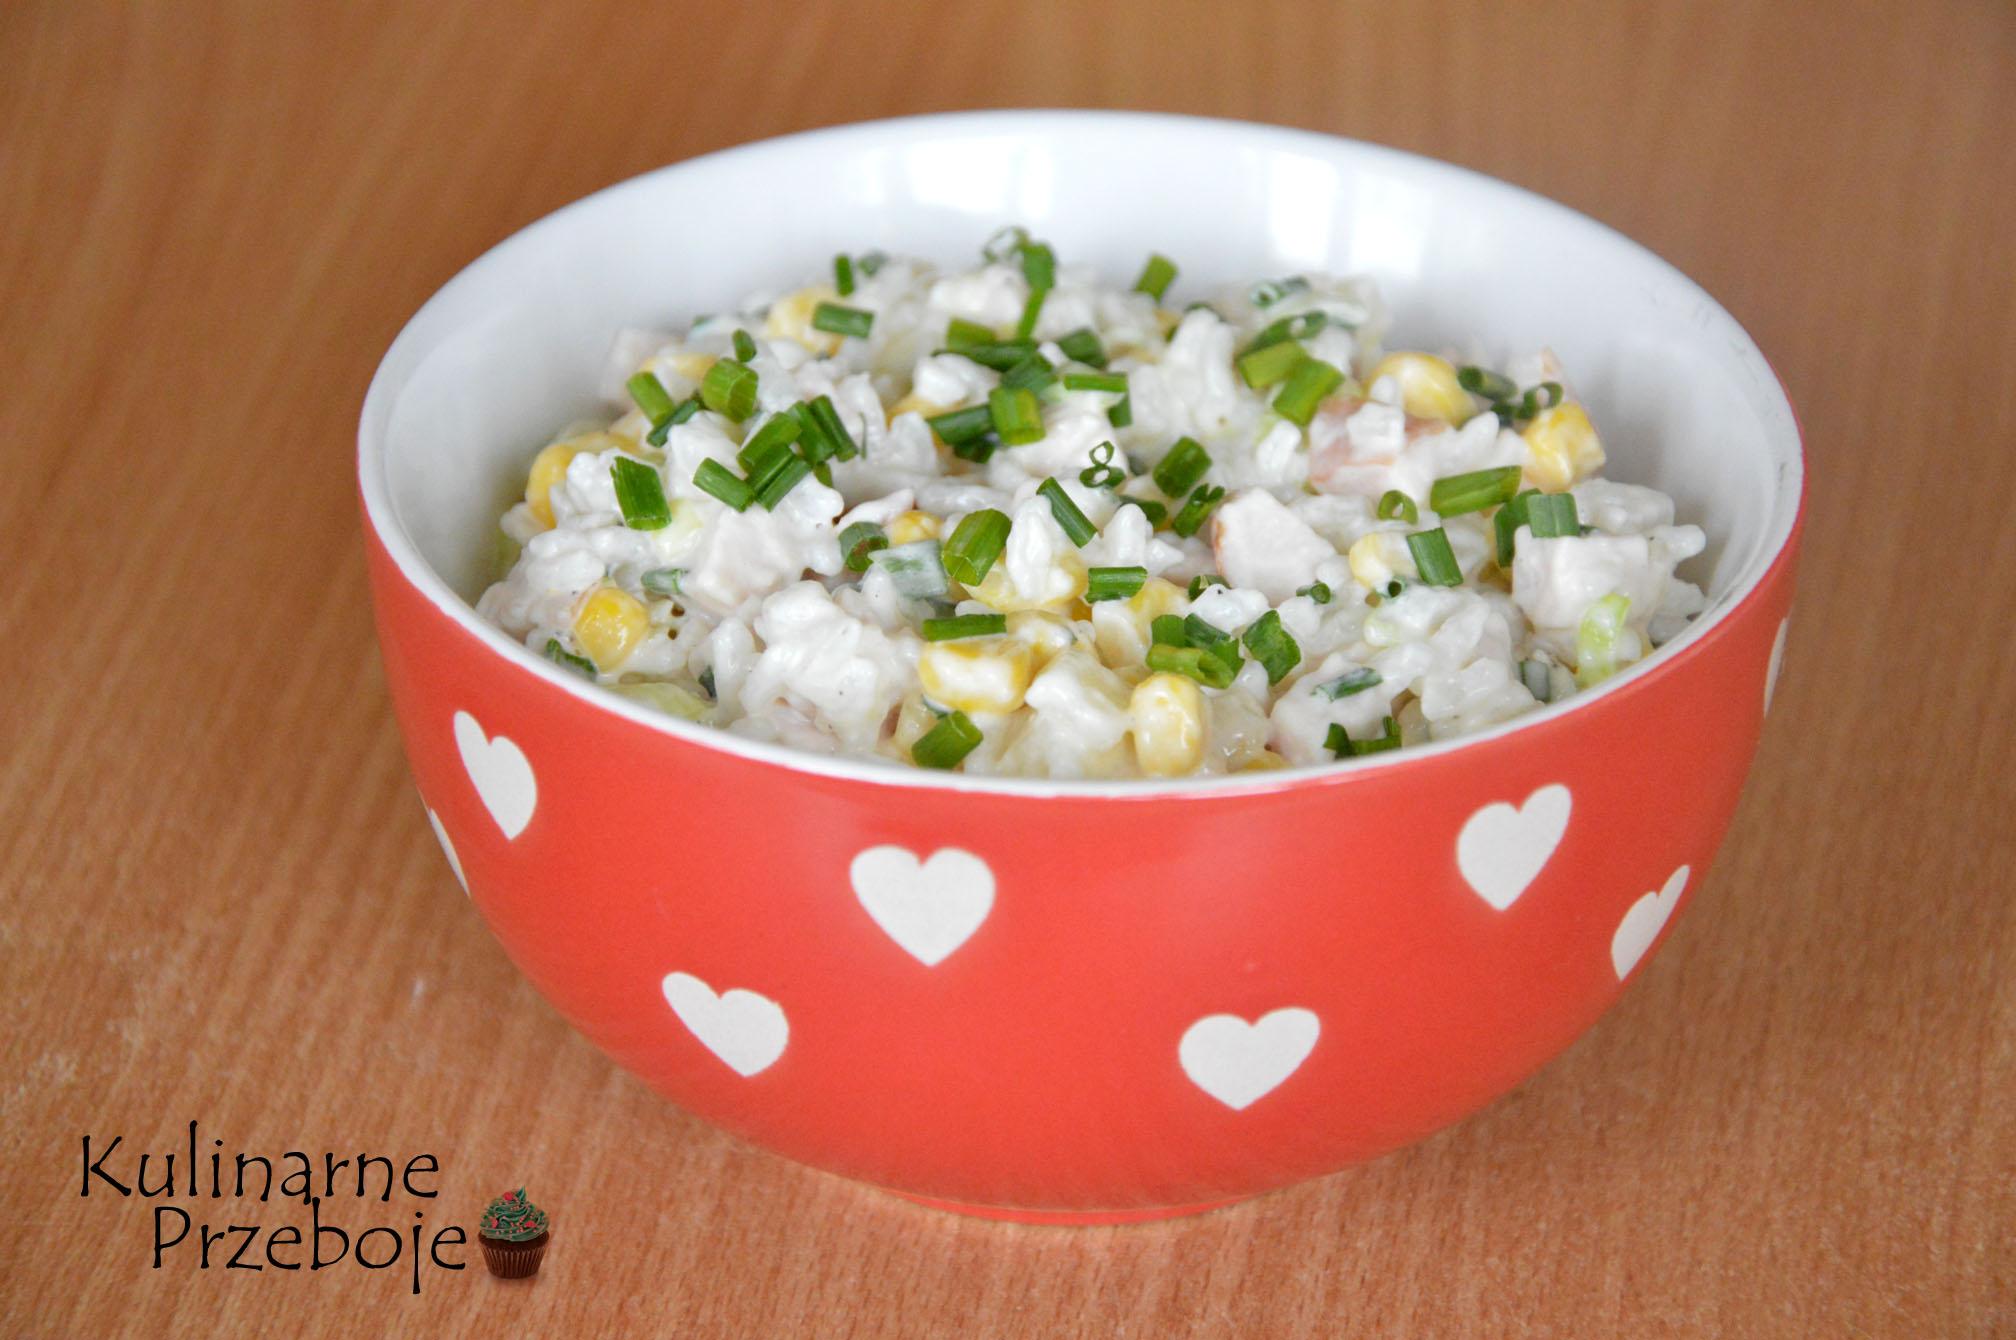 sałatka z wędzonym kurczakiem i ryżem